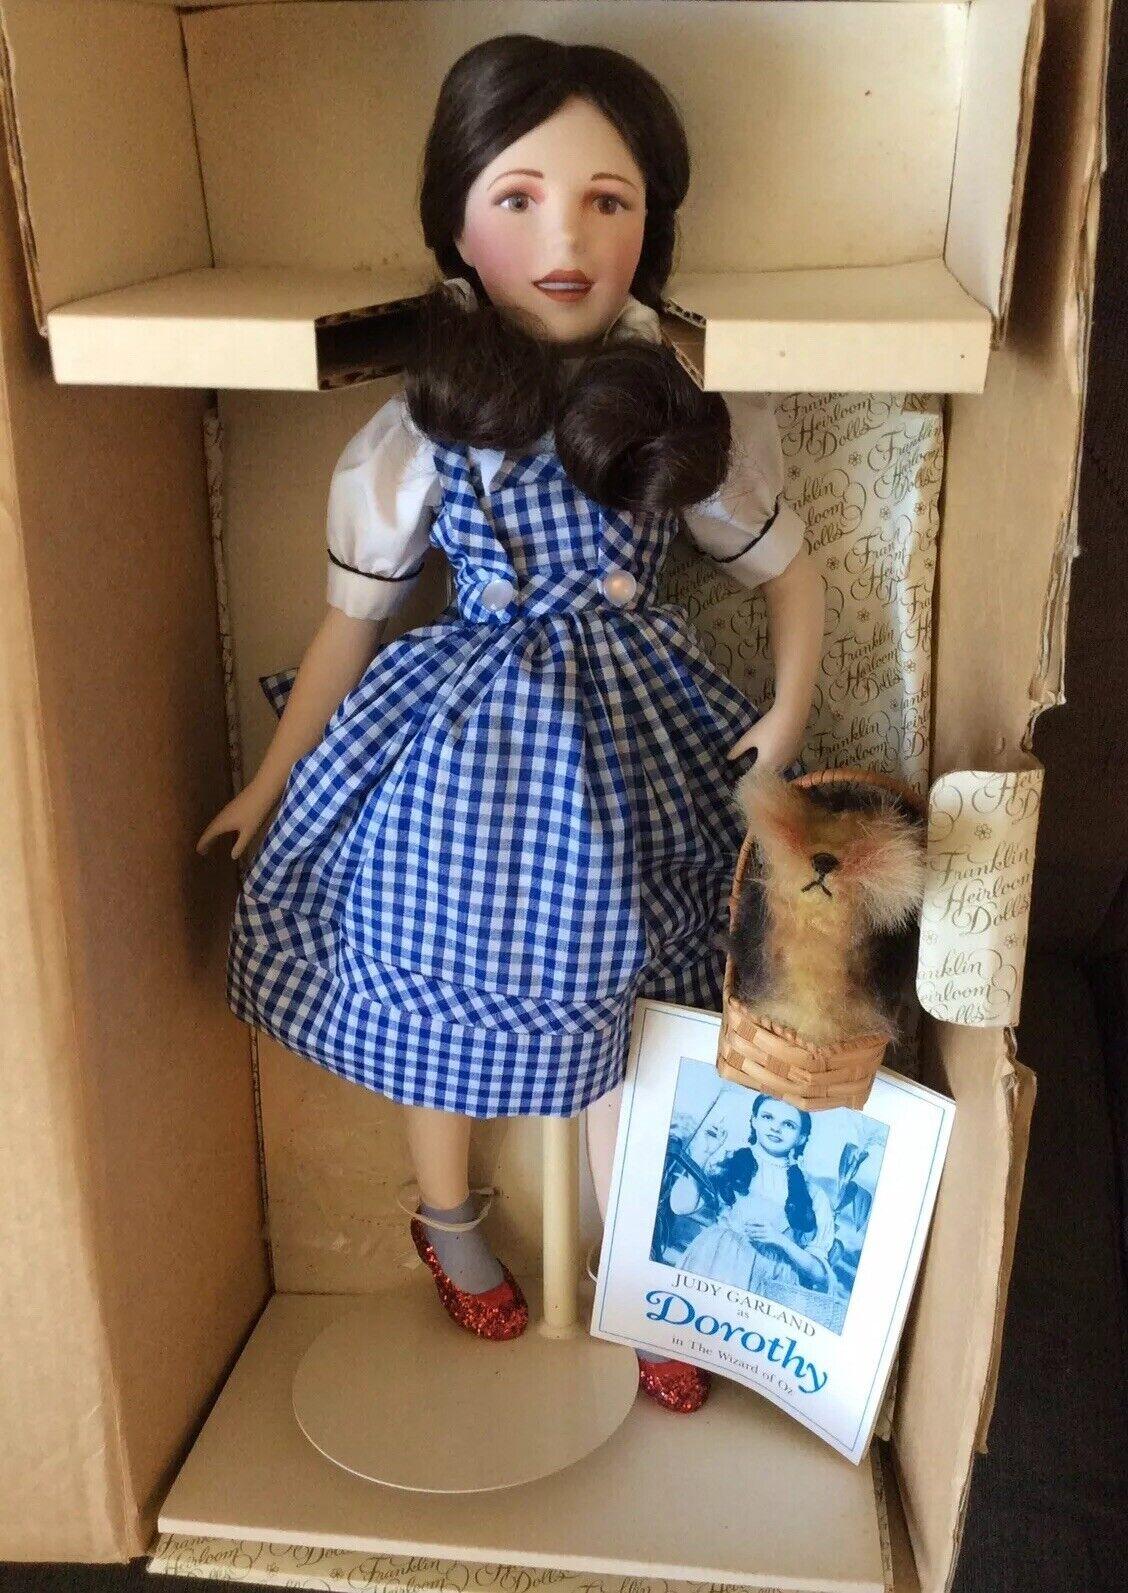 Franklin reliquia muñecas Judy Garland como Dorojohy con Toto & Certificado Y Caja